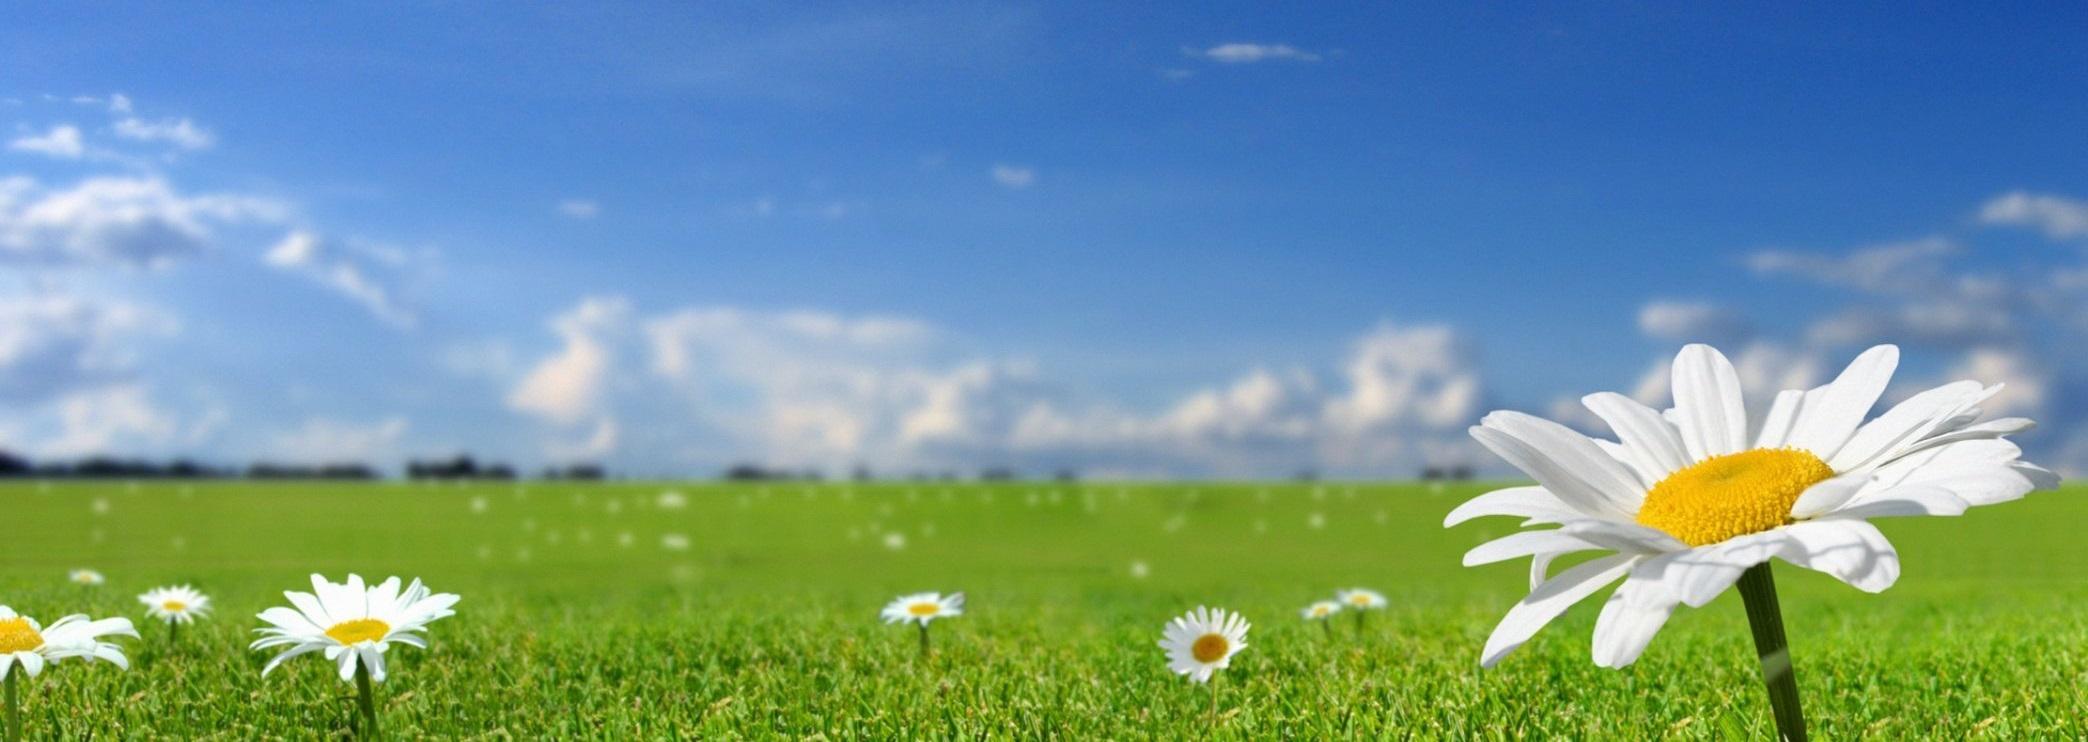 flower-the-field-grass-nature-spring-summer-sun-sky